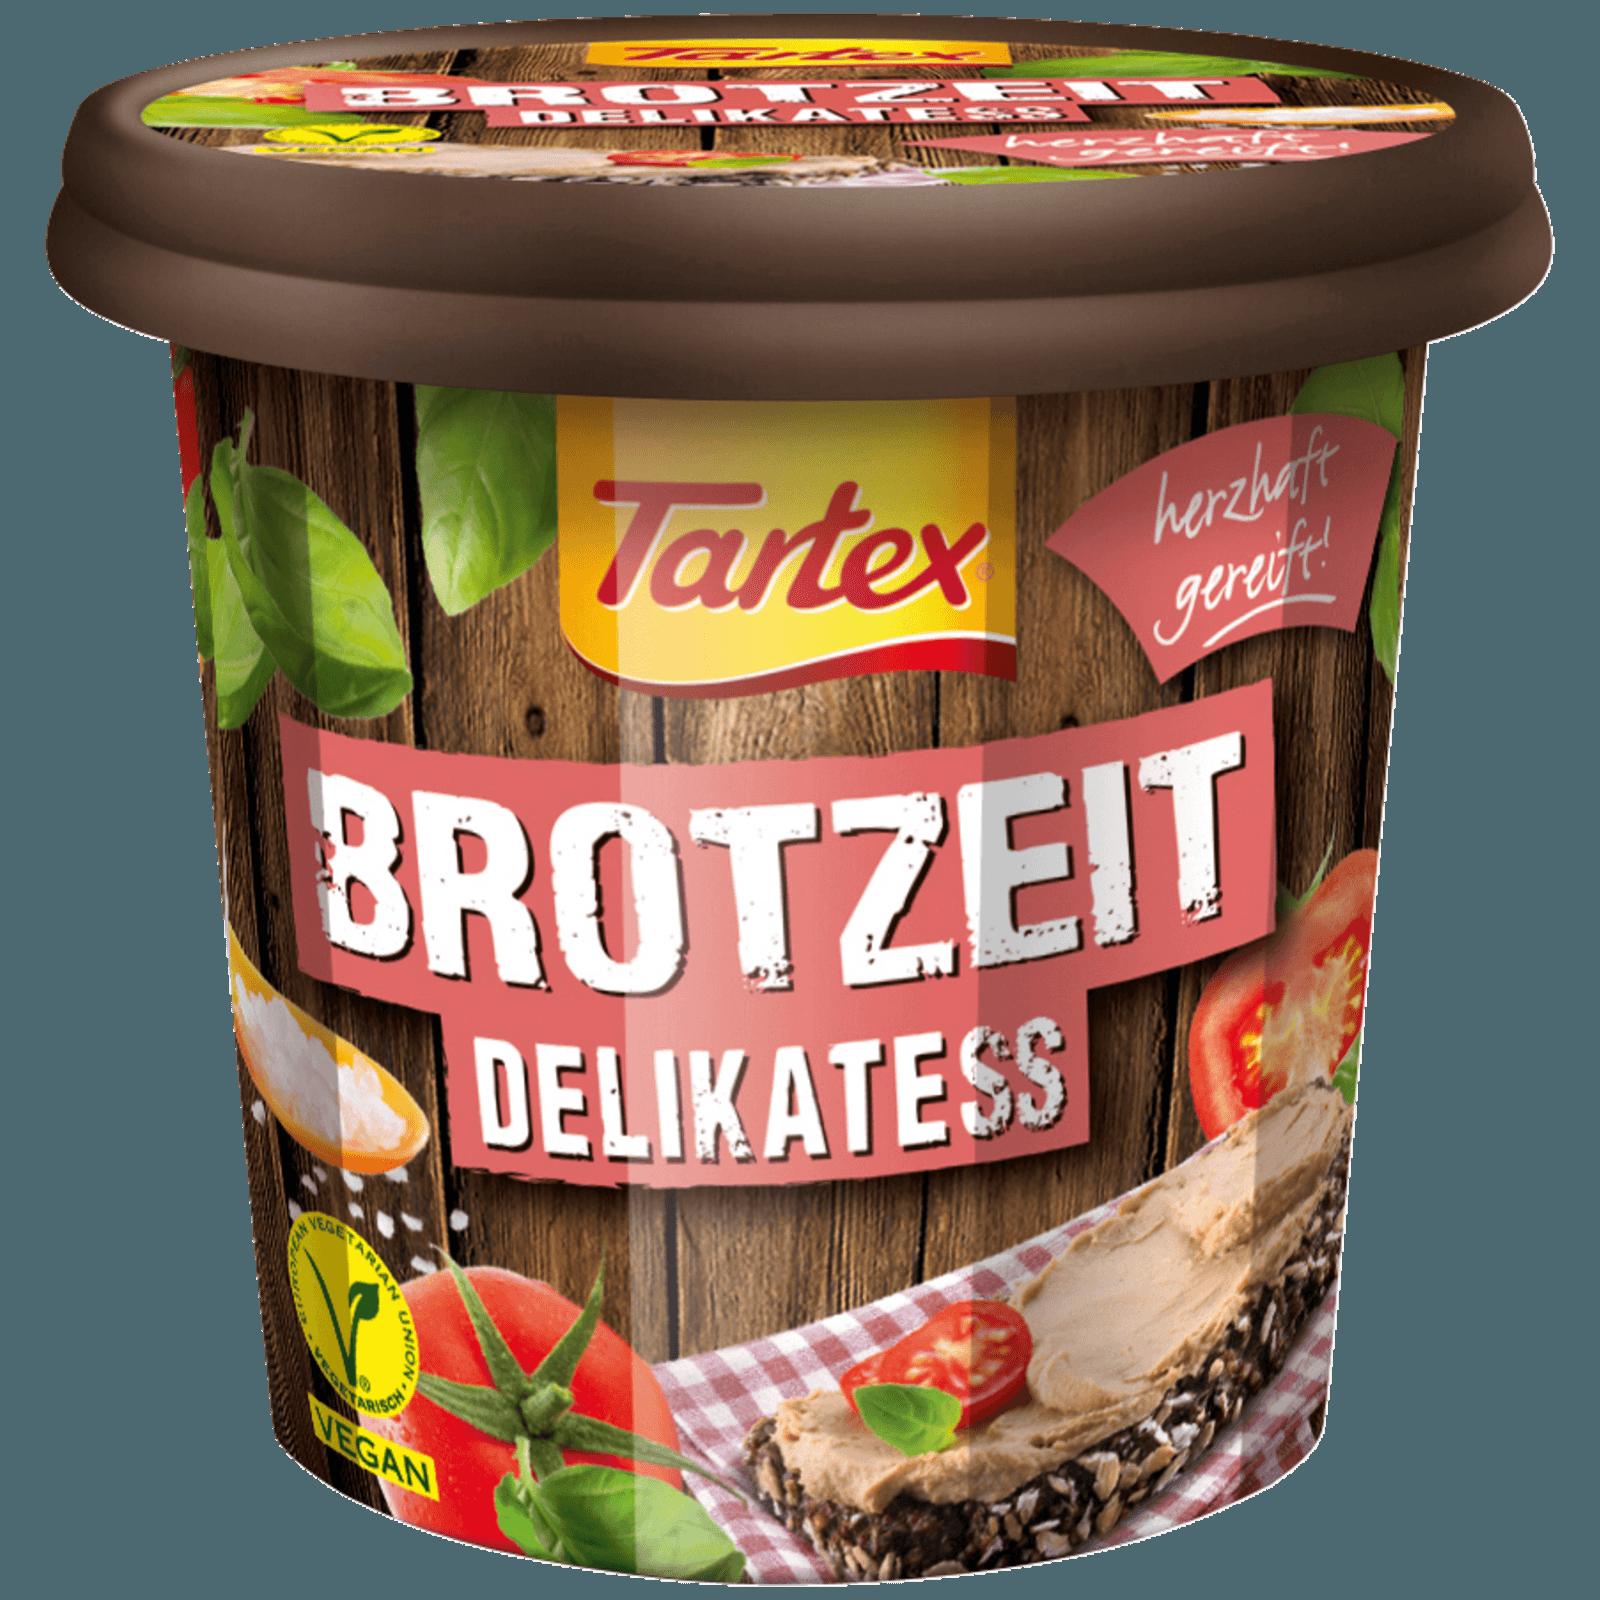 Tartex Brotzeit Delikatess 125g